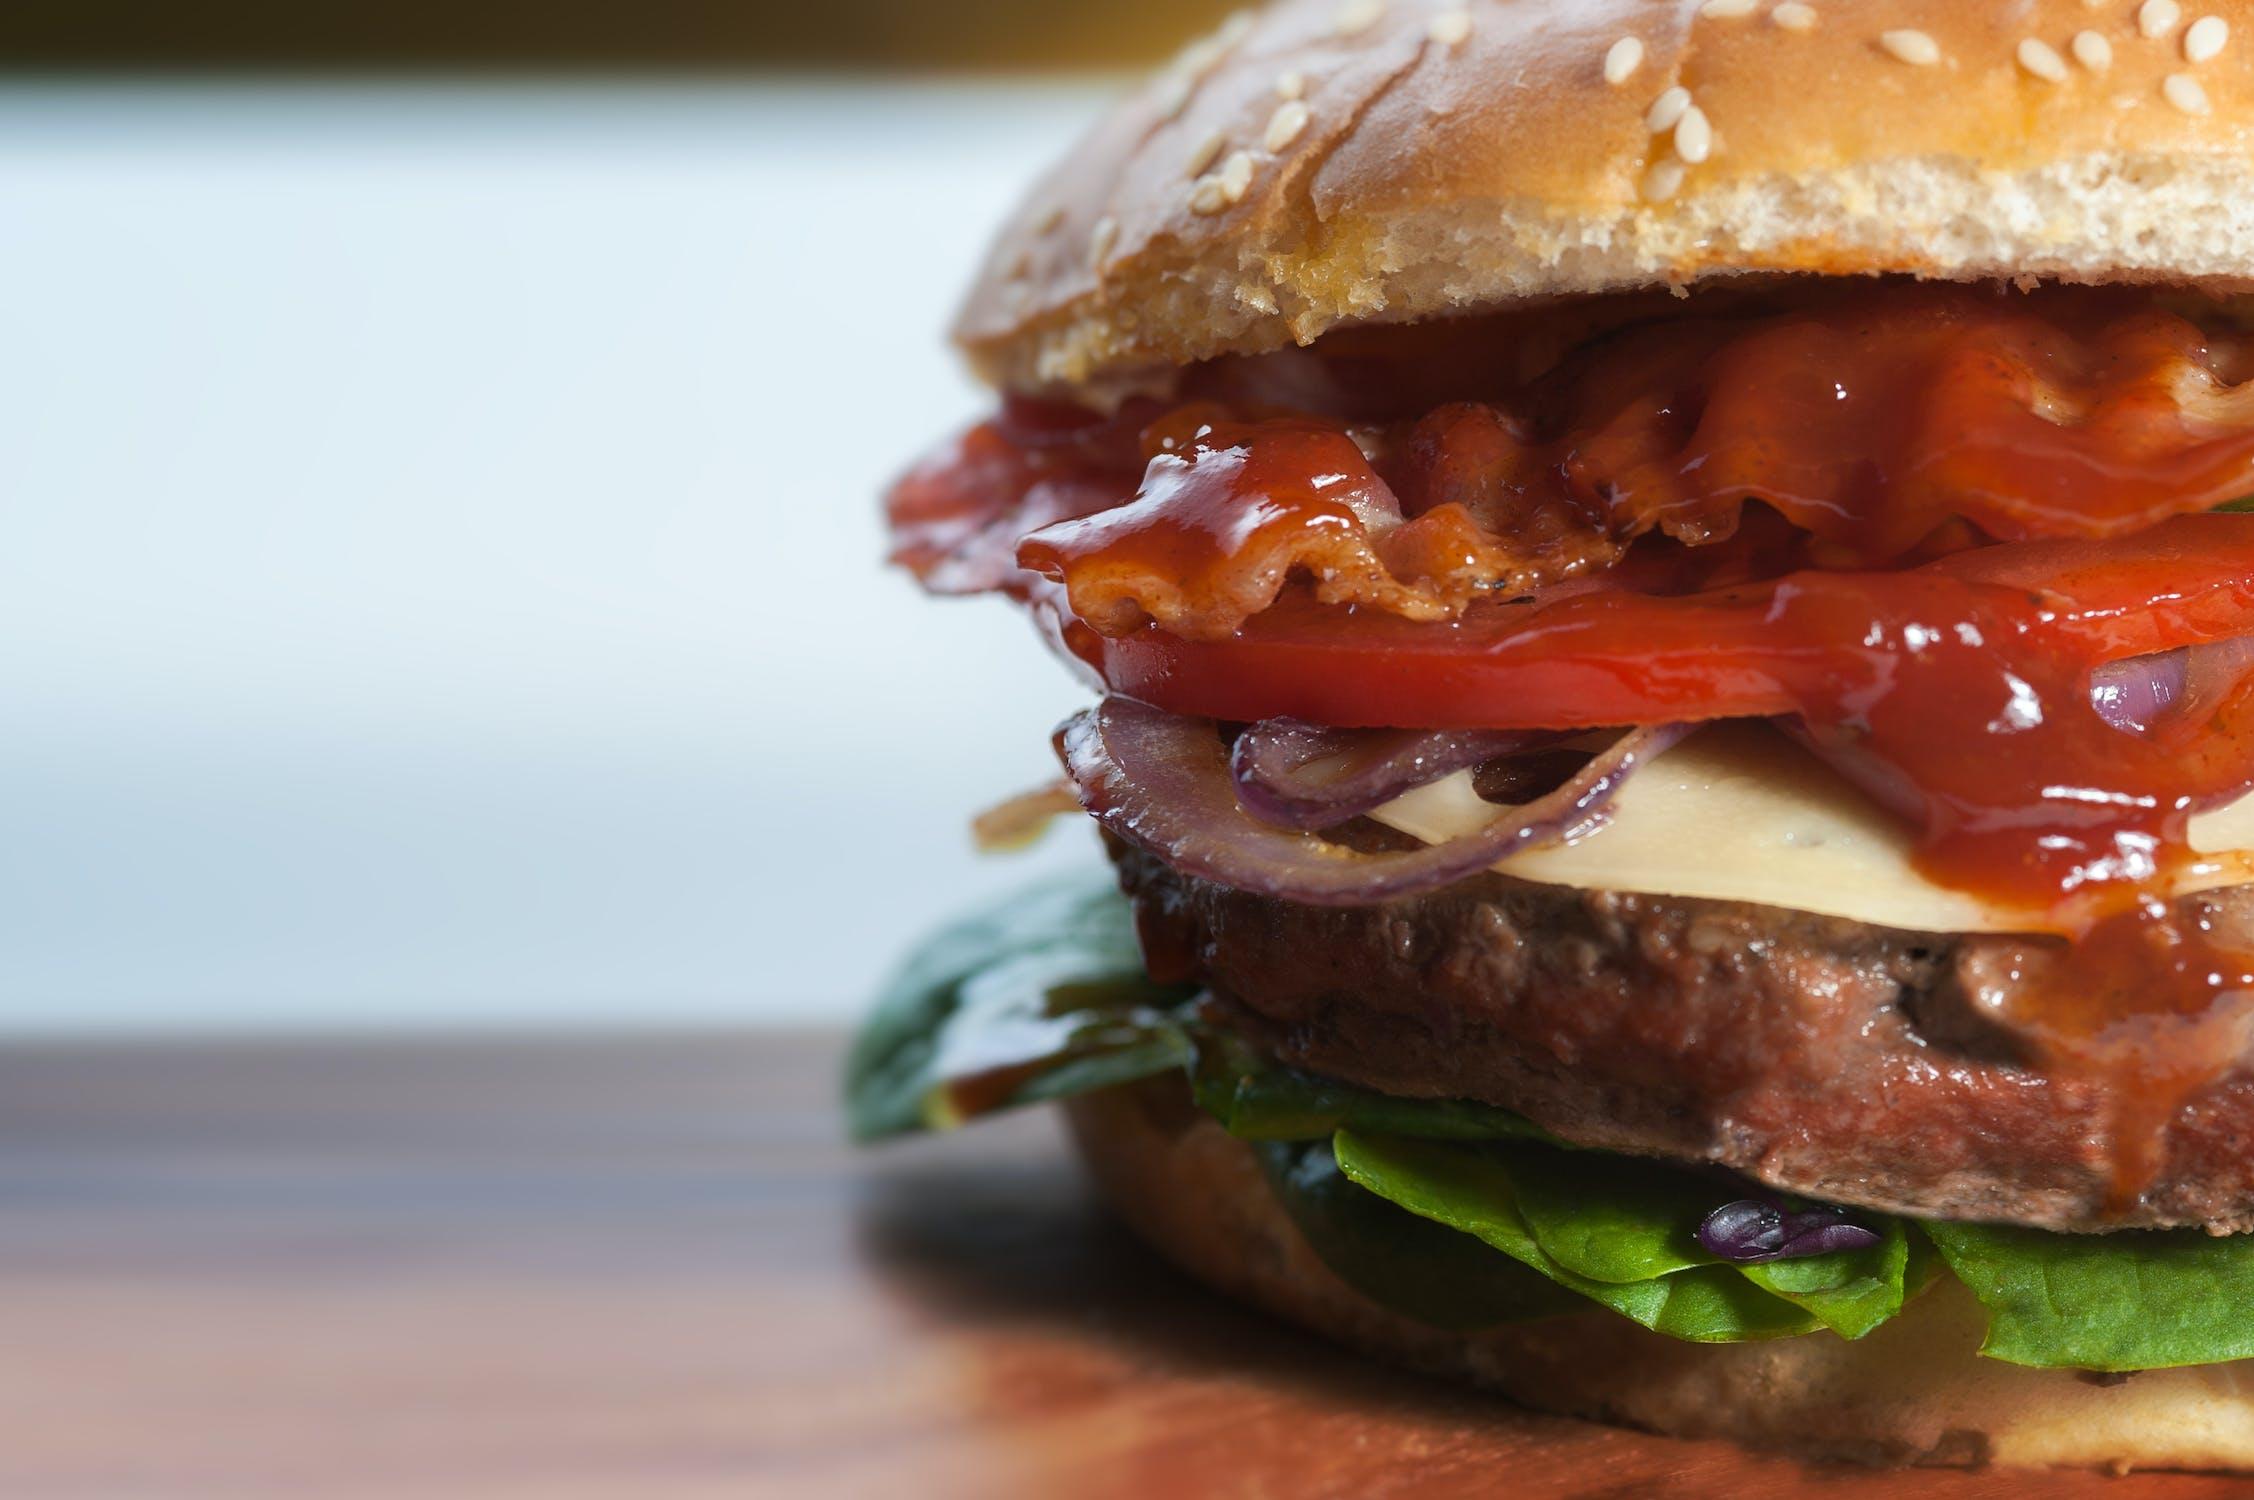 A burger.